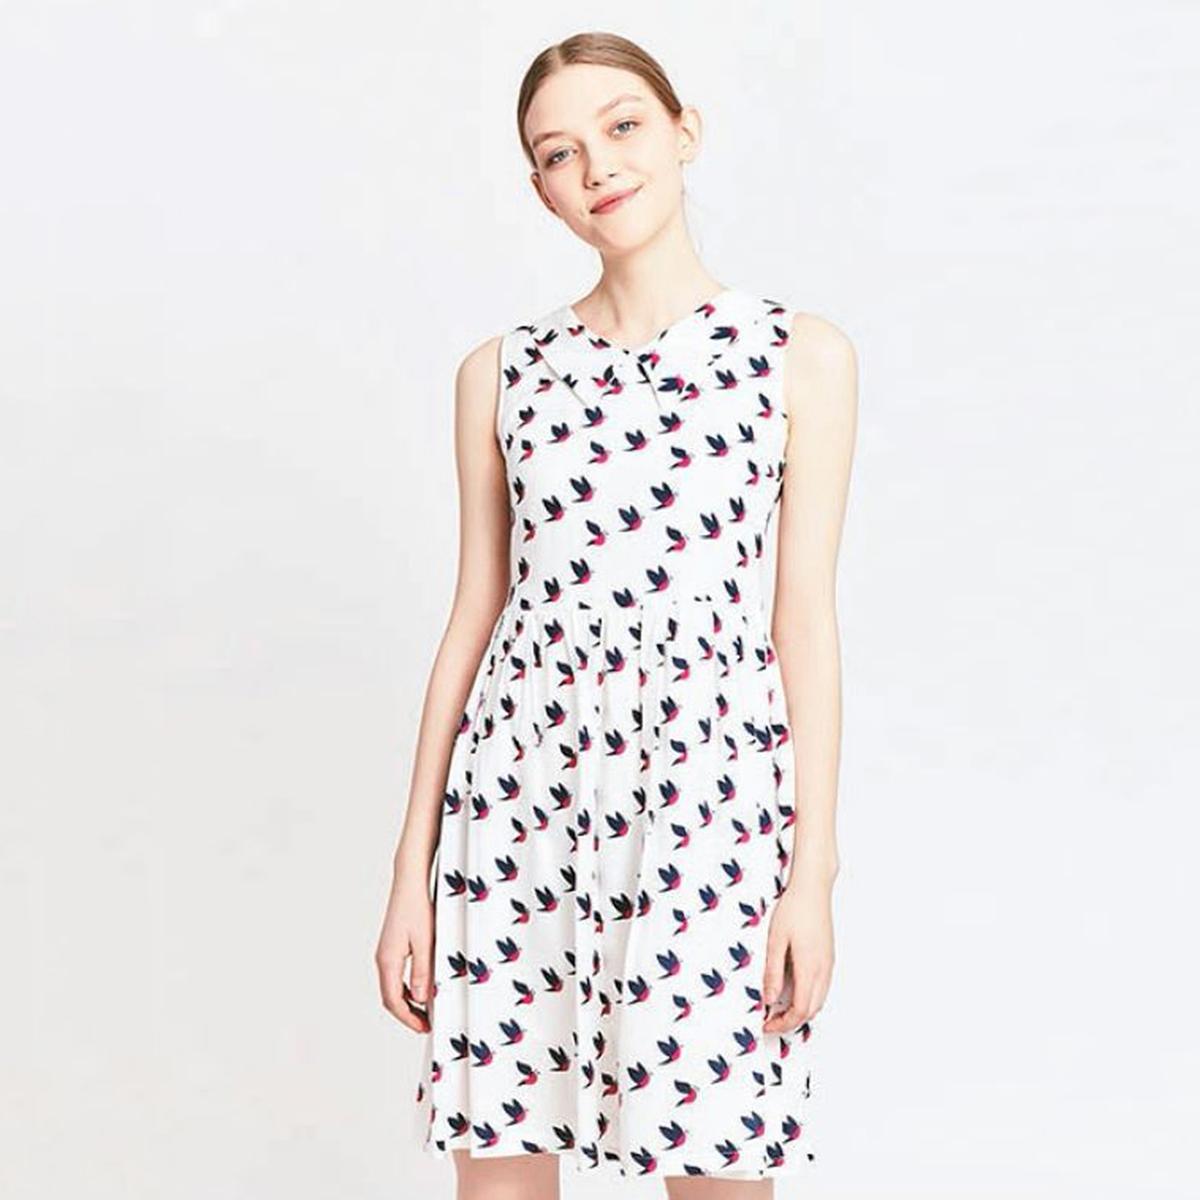 Платье с рисунком птицыМатериал : 100% полиэстер  Длина рукава : без рукавов  Форма воротника : воротник-поло, рубашечный Покрой платья : расклешенное платье Рисунок : анималистический    Длина платья : короткое<br><br>Цвет: сине-белый рисунок<br>Размер: L